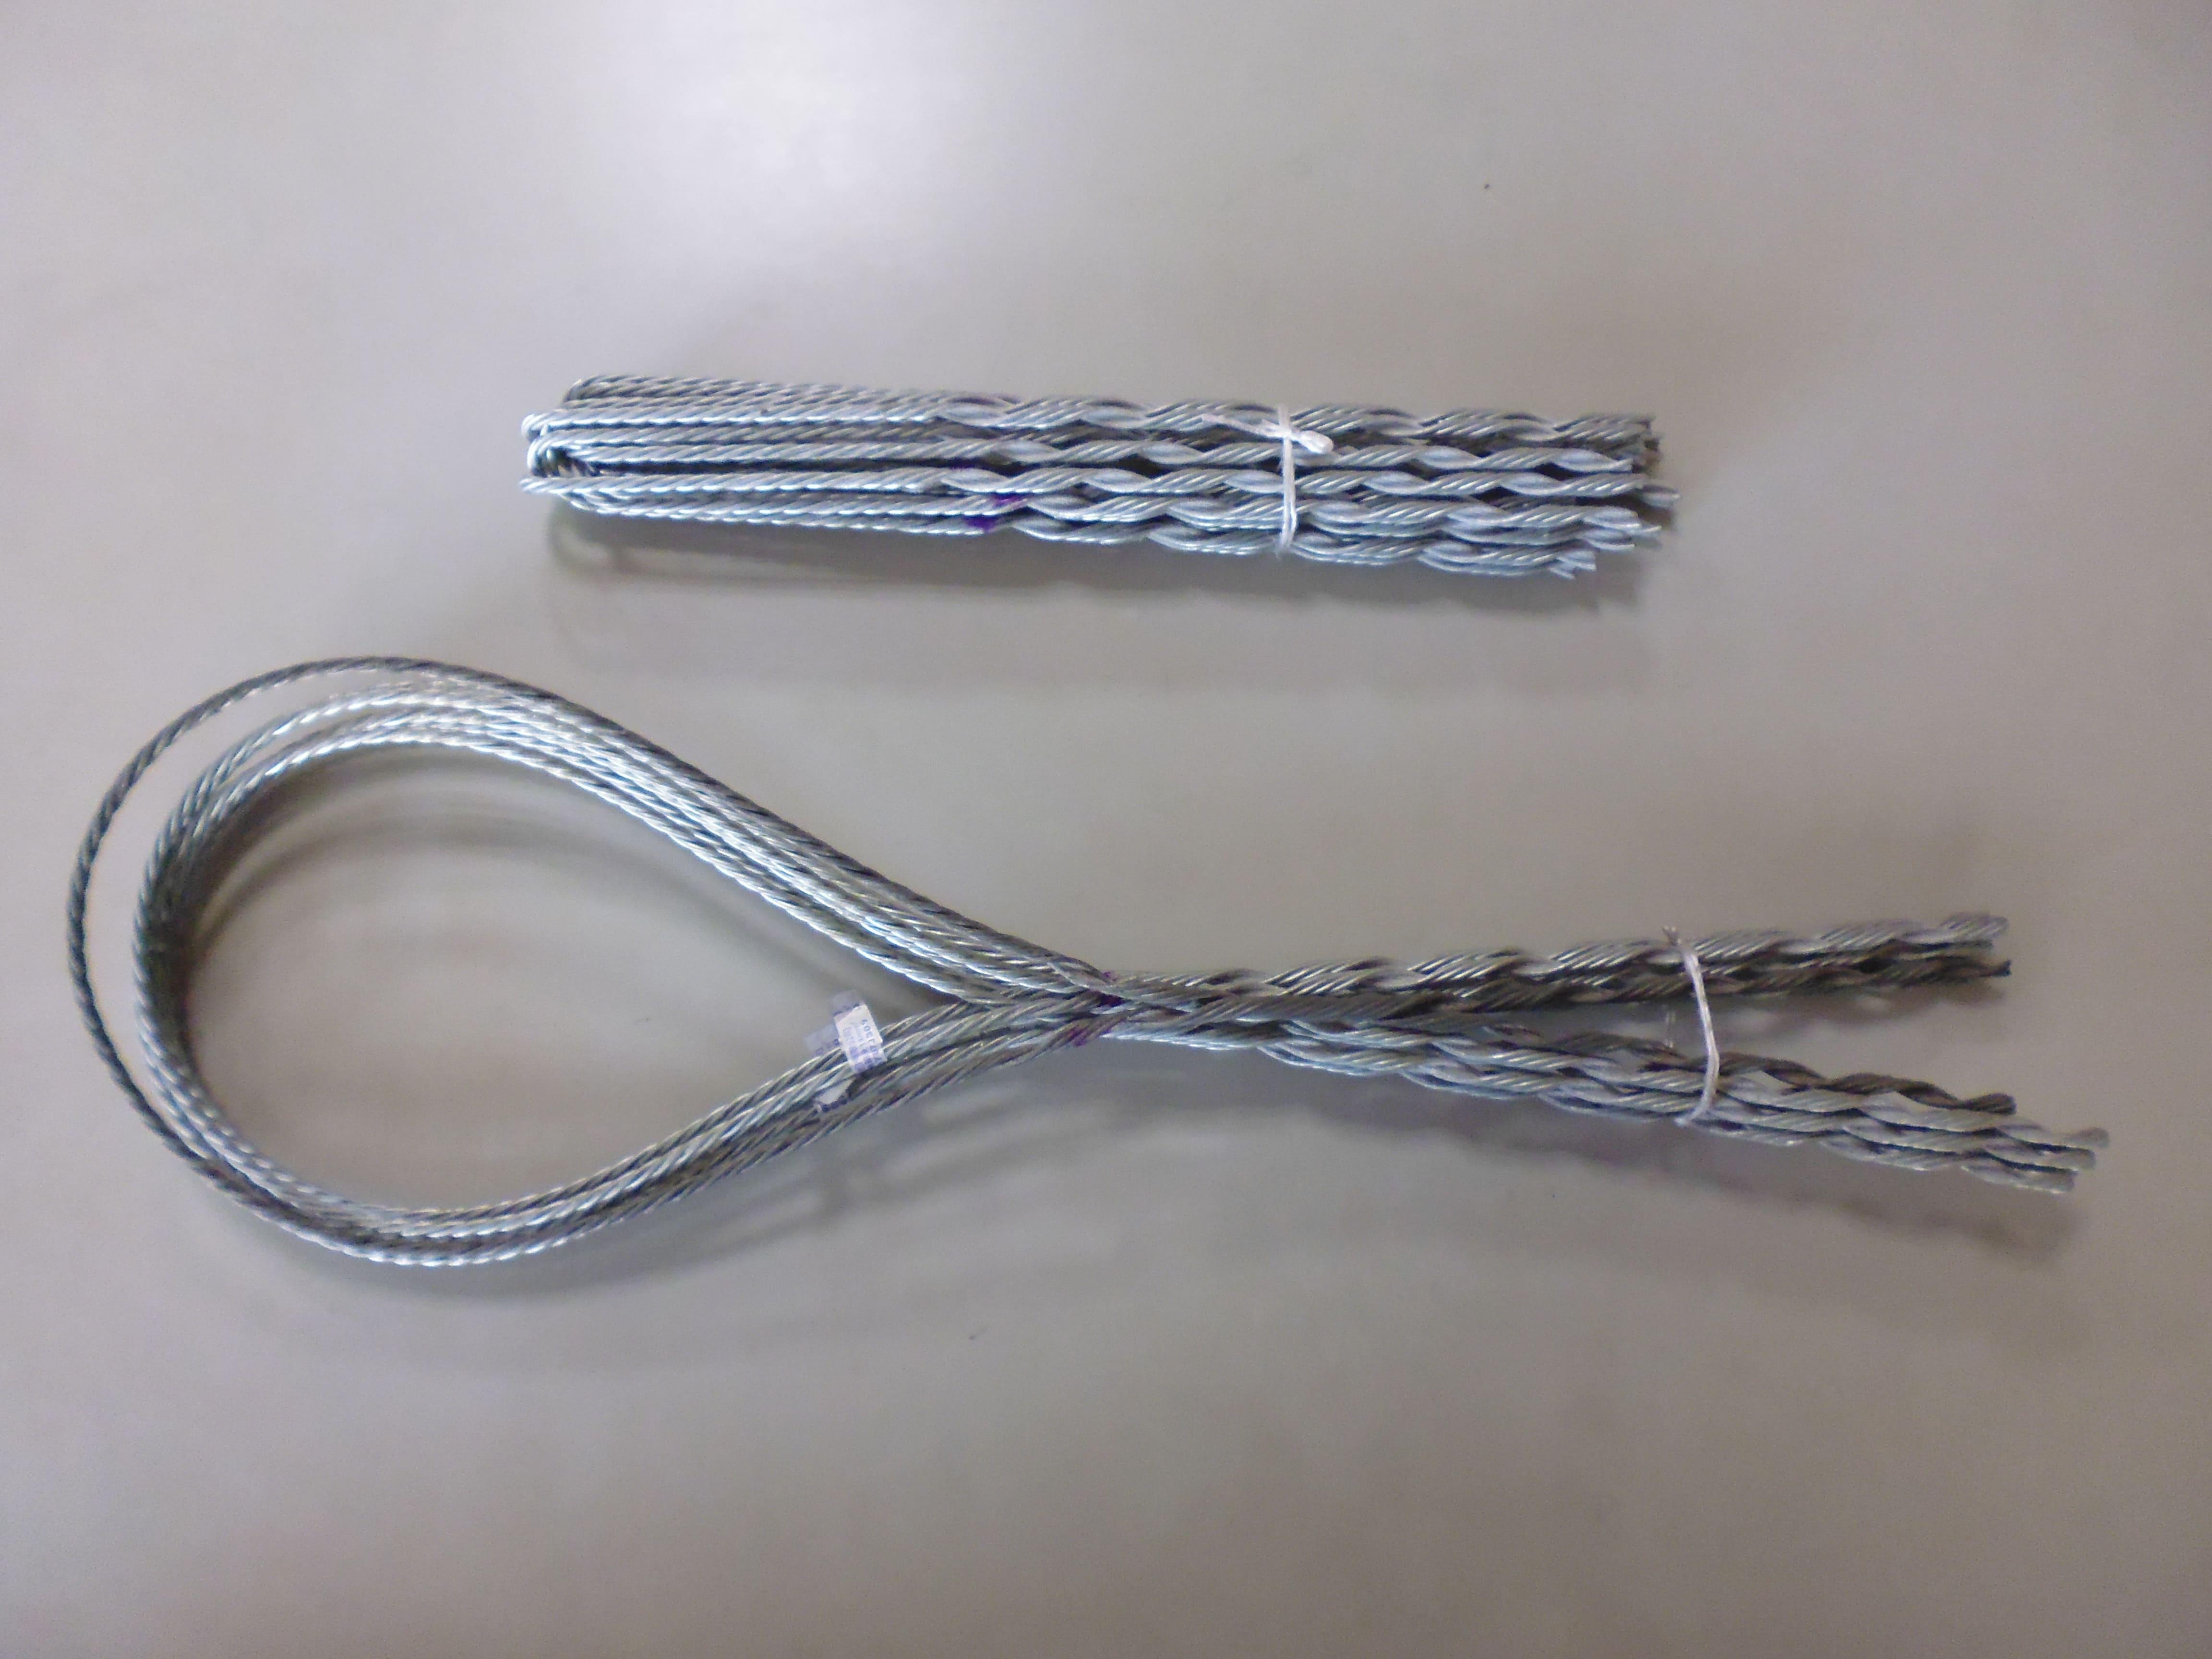 (HI050080)電桿型繞線夾